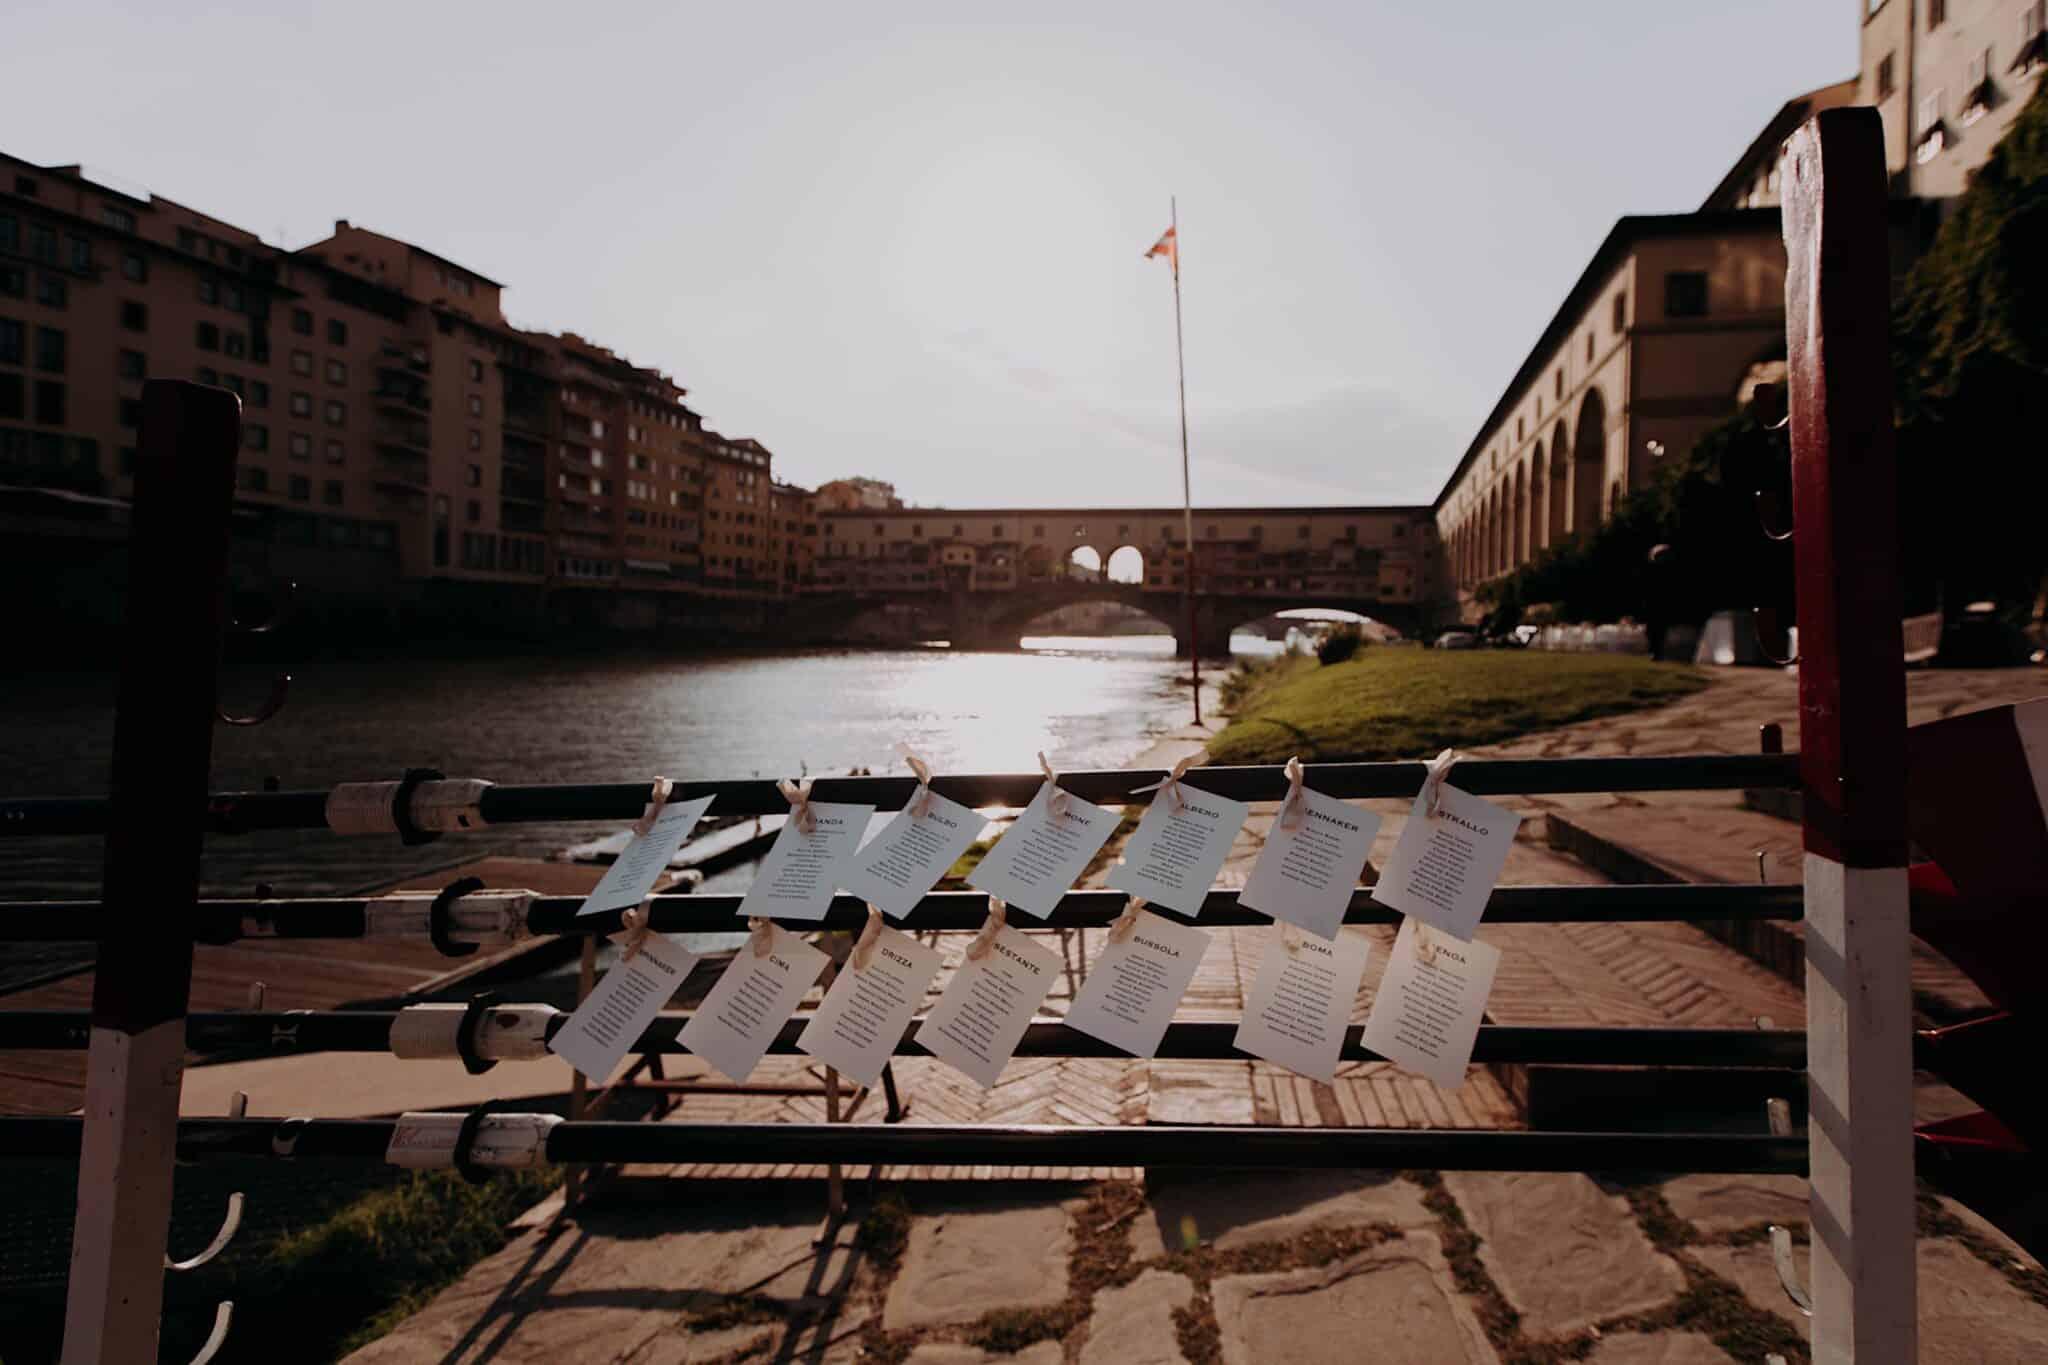 allestimento Lungarno, società Canottieri Firenze